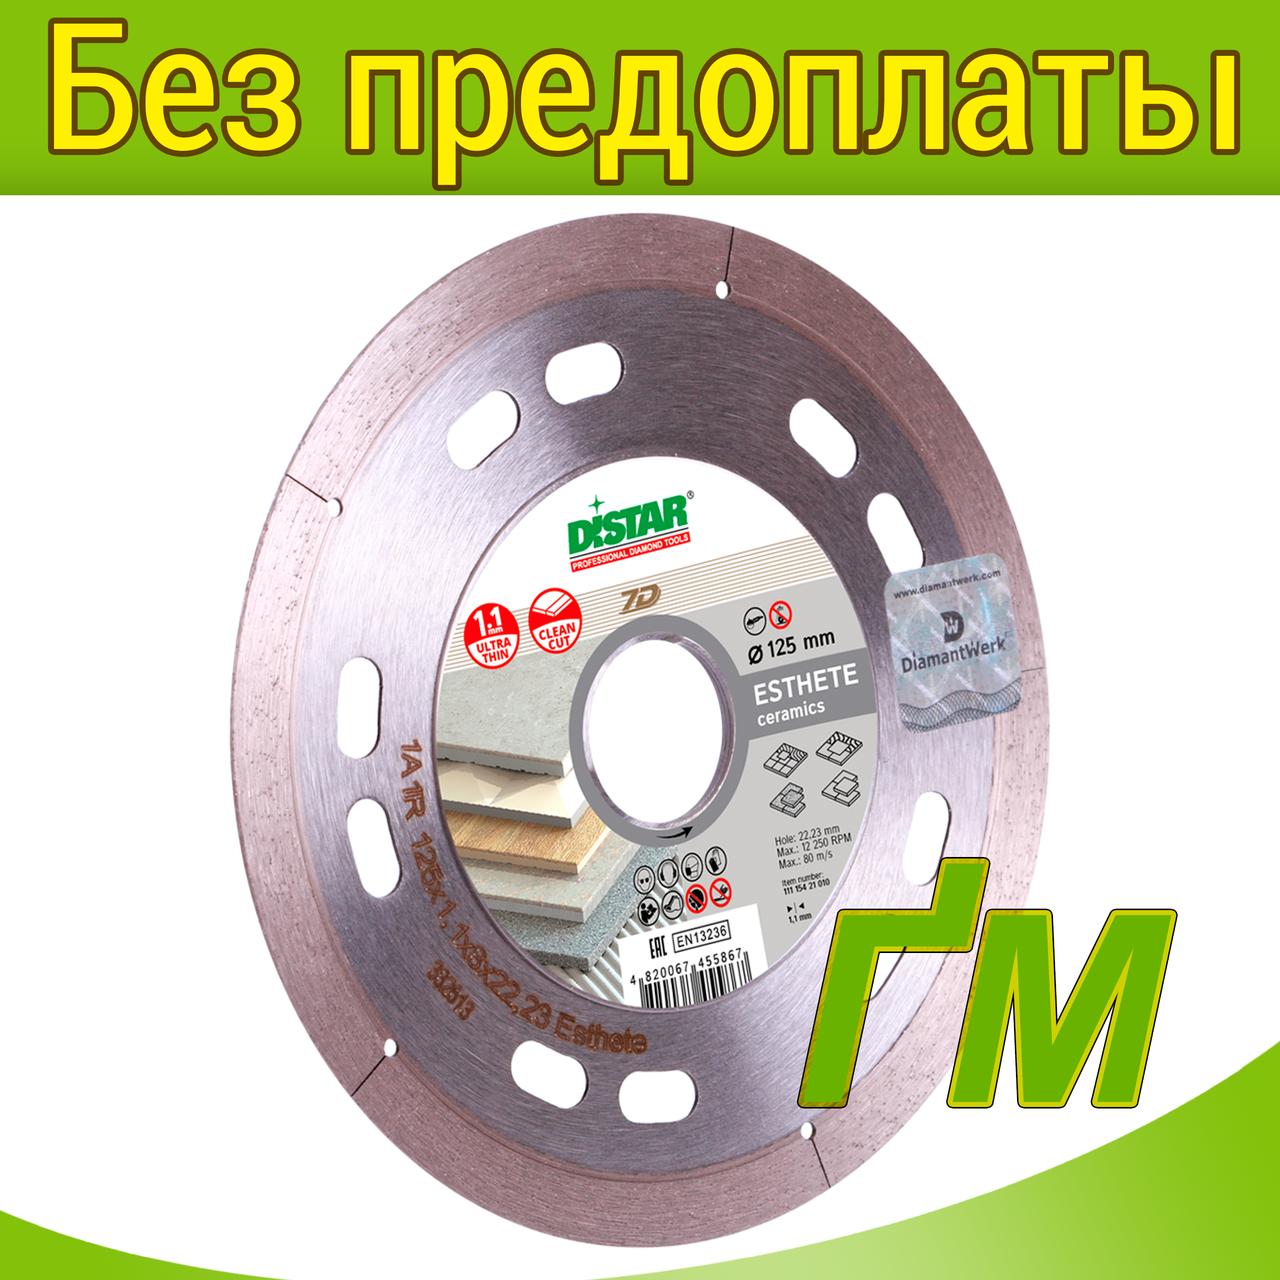 Алмазный диск для УШМ Distar Esthete 1A1R 125x1,1x8x22,23